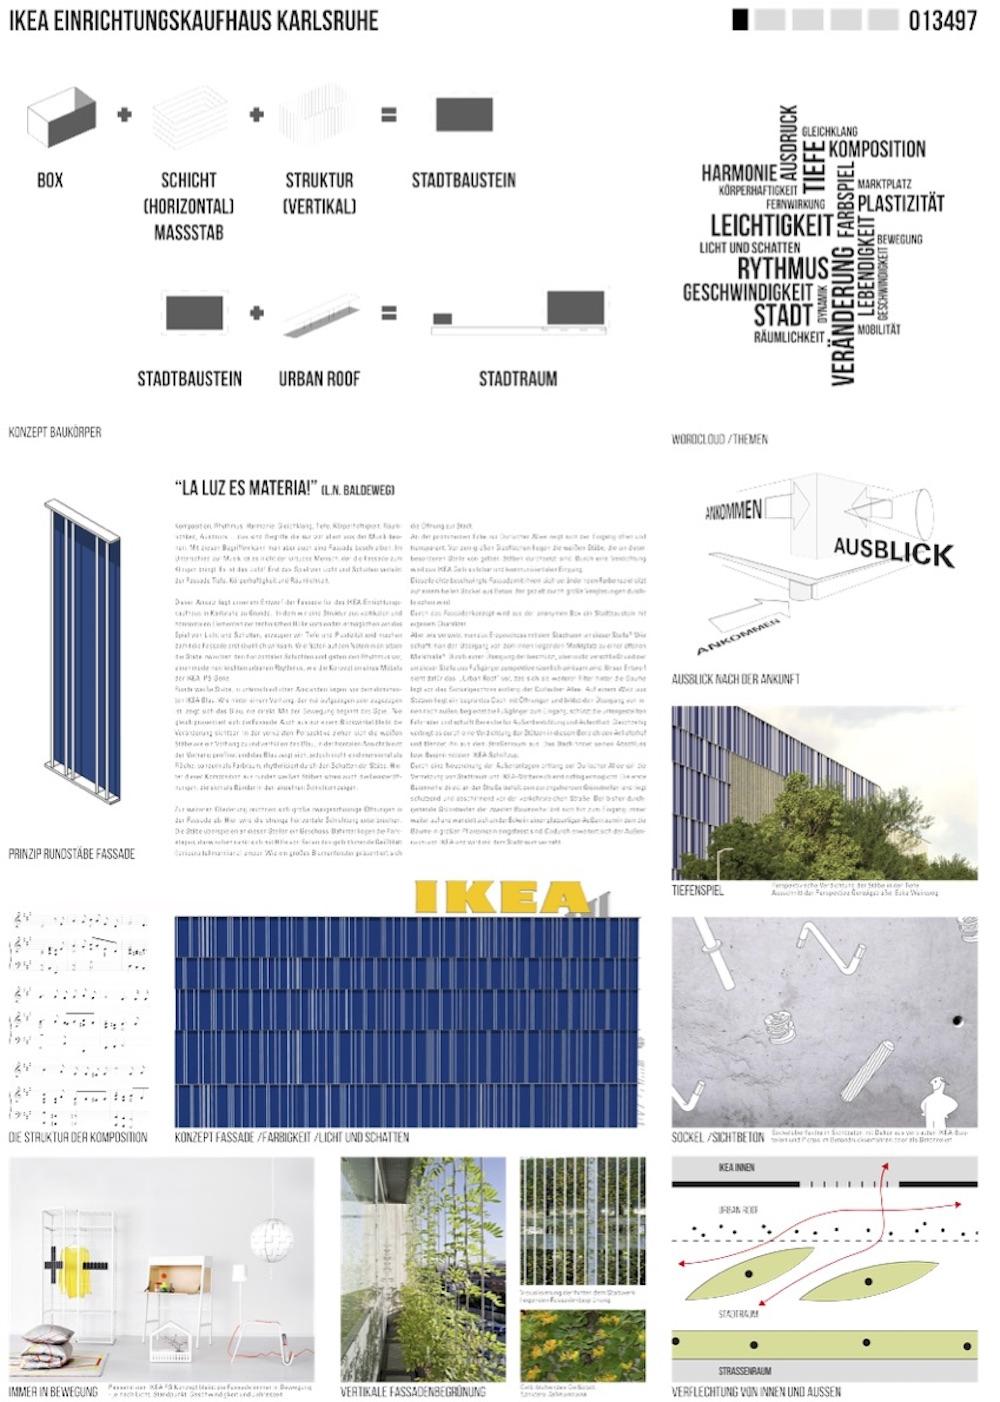 3. rang fassadengestaltung ikea einrichtungskaufhaus..petitionline, Hause ideen